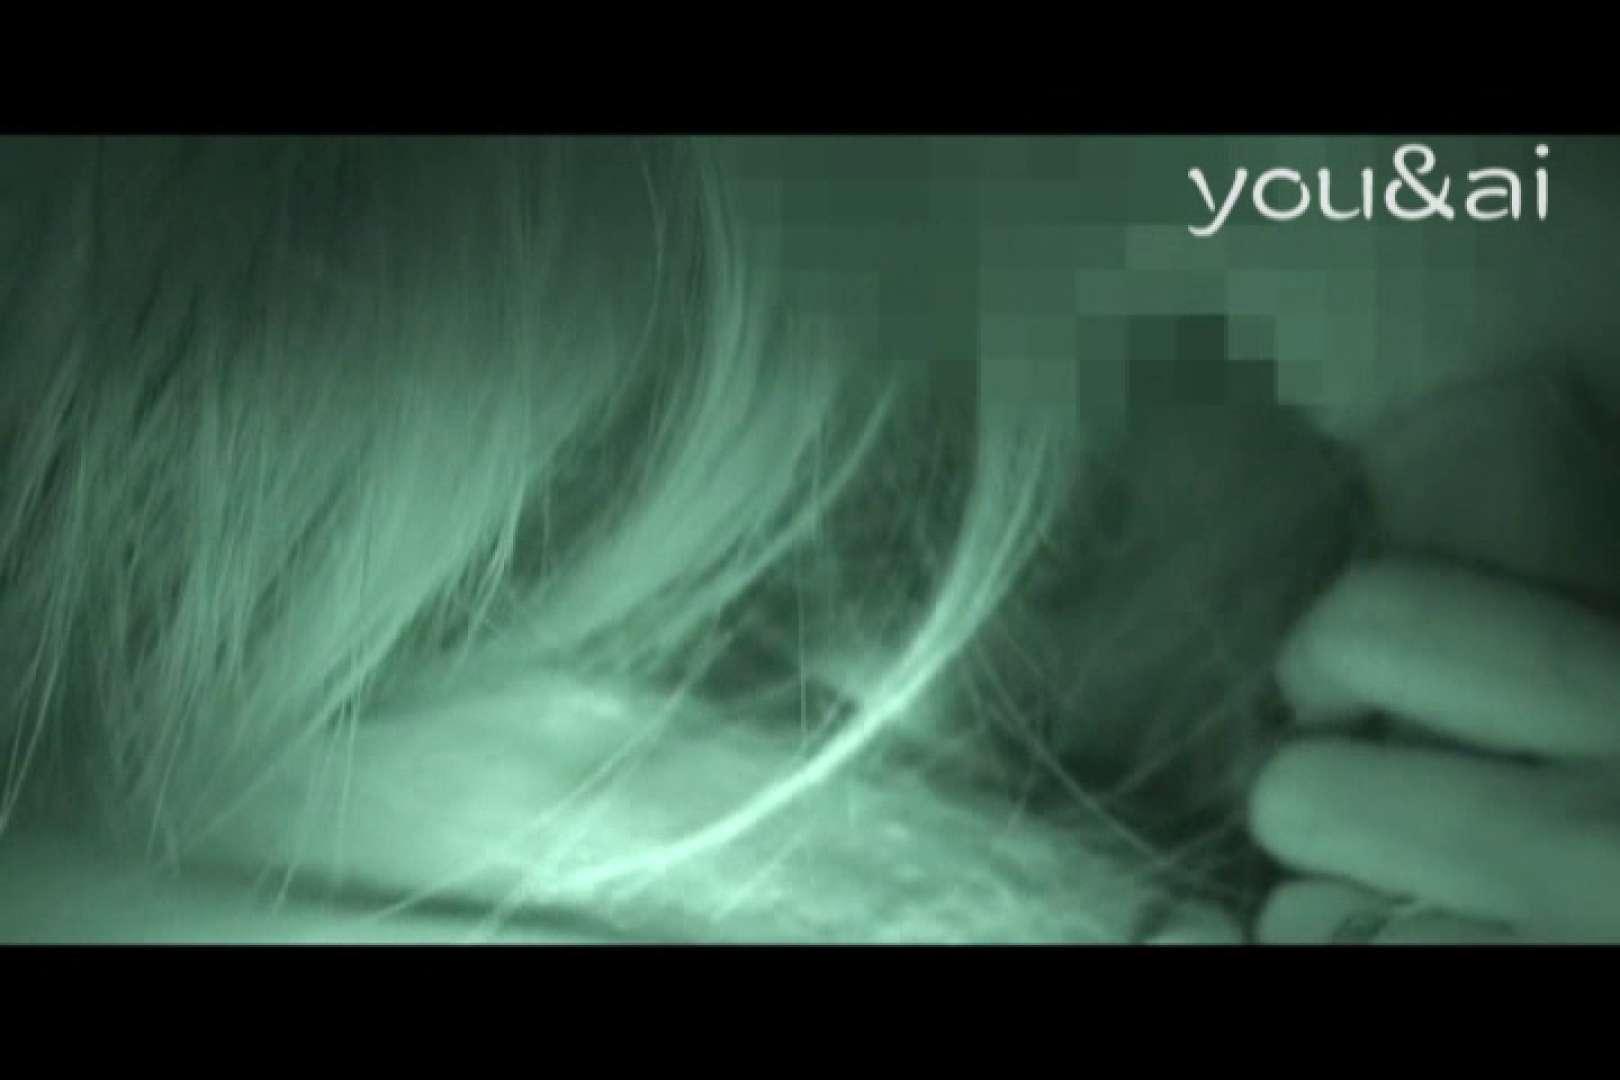 おしどり夫婦のyou&aiさん投稿作品vol.4 緊縛 | 一般投稿  107画像 100